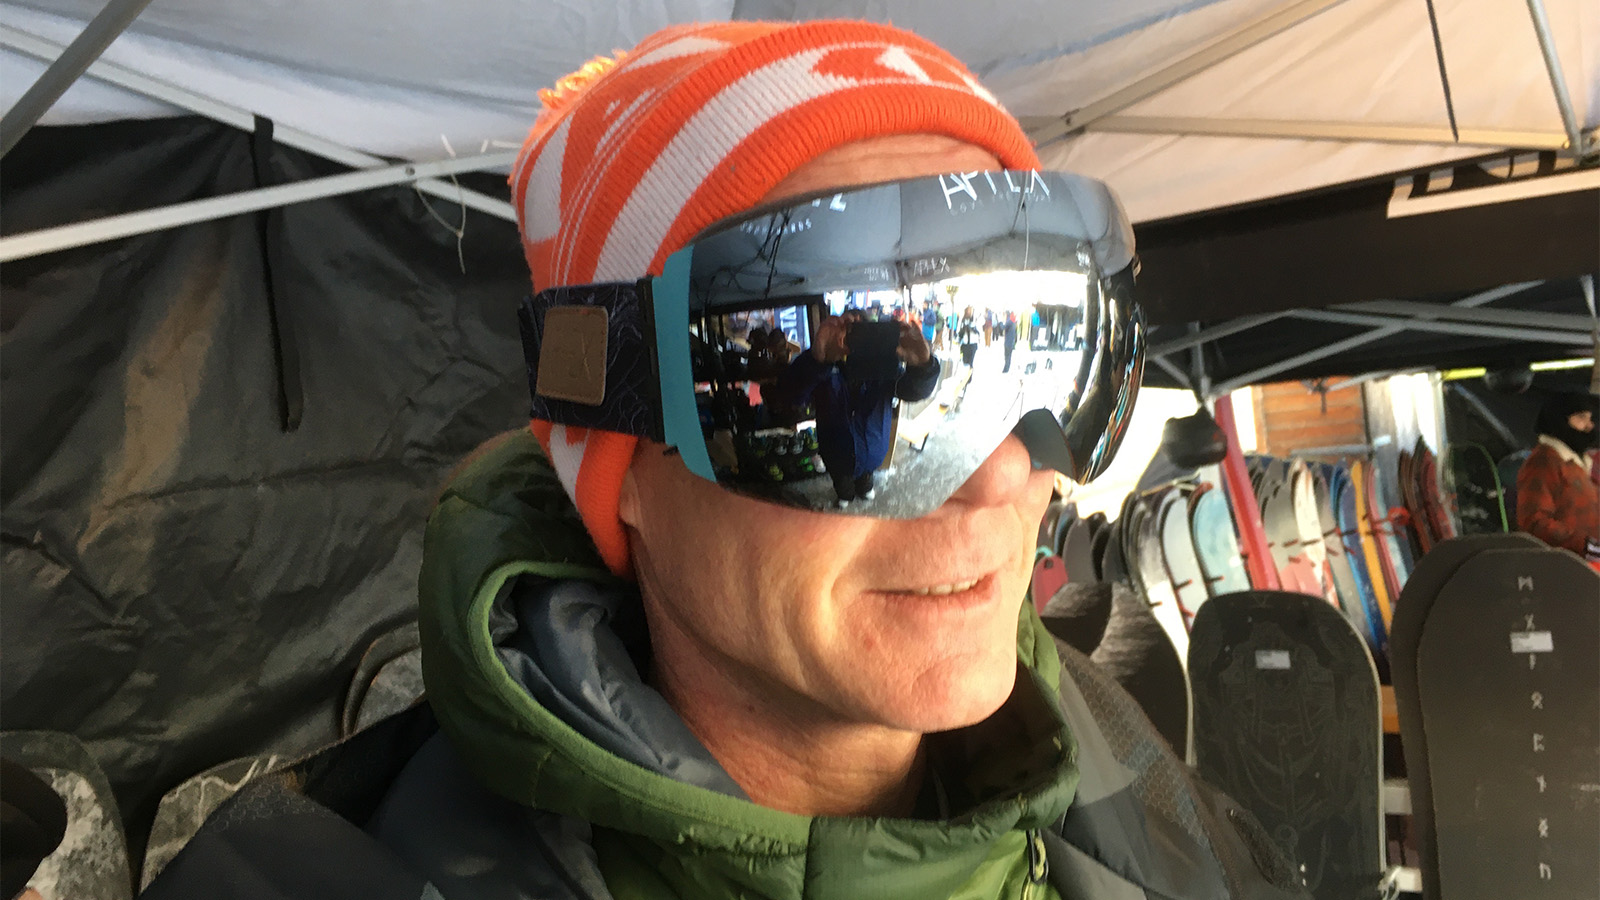 Aphex FW20/21 Goggles